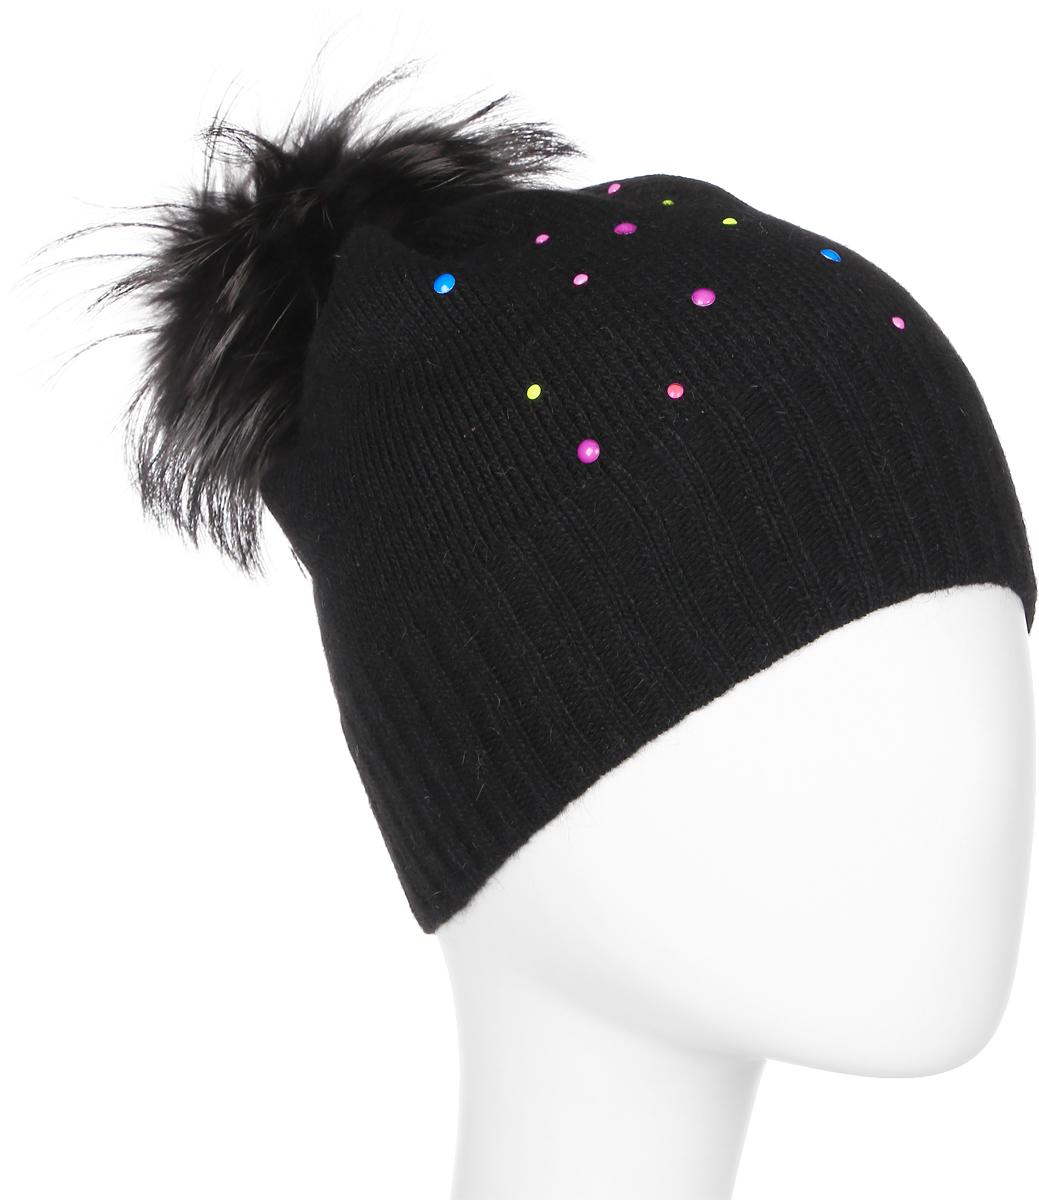 Шапка женская Marhatter, цвет: черный. Размер 56/58. MWH5996MWH5996Стильная шапка с помпоном из натурального меха, выполнена из ангоровой пряжи. Модель очень актуальна для тех, кто ценит комфорт, стиль и красоту.